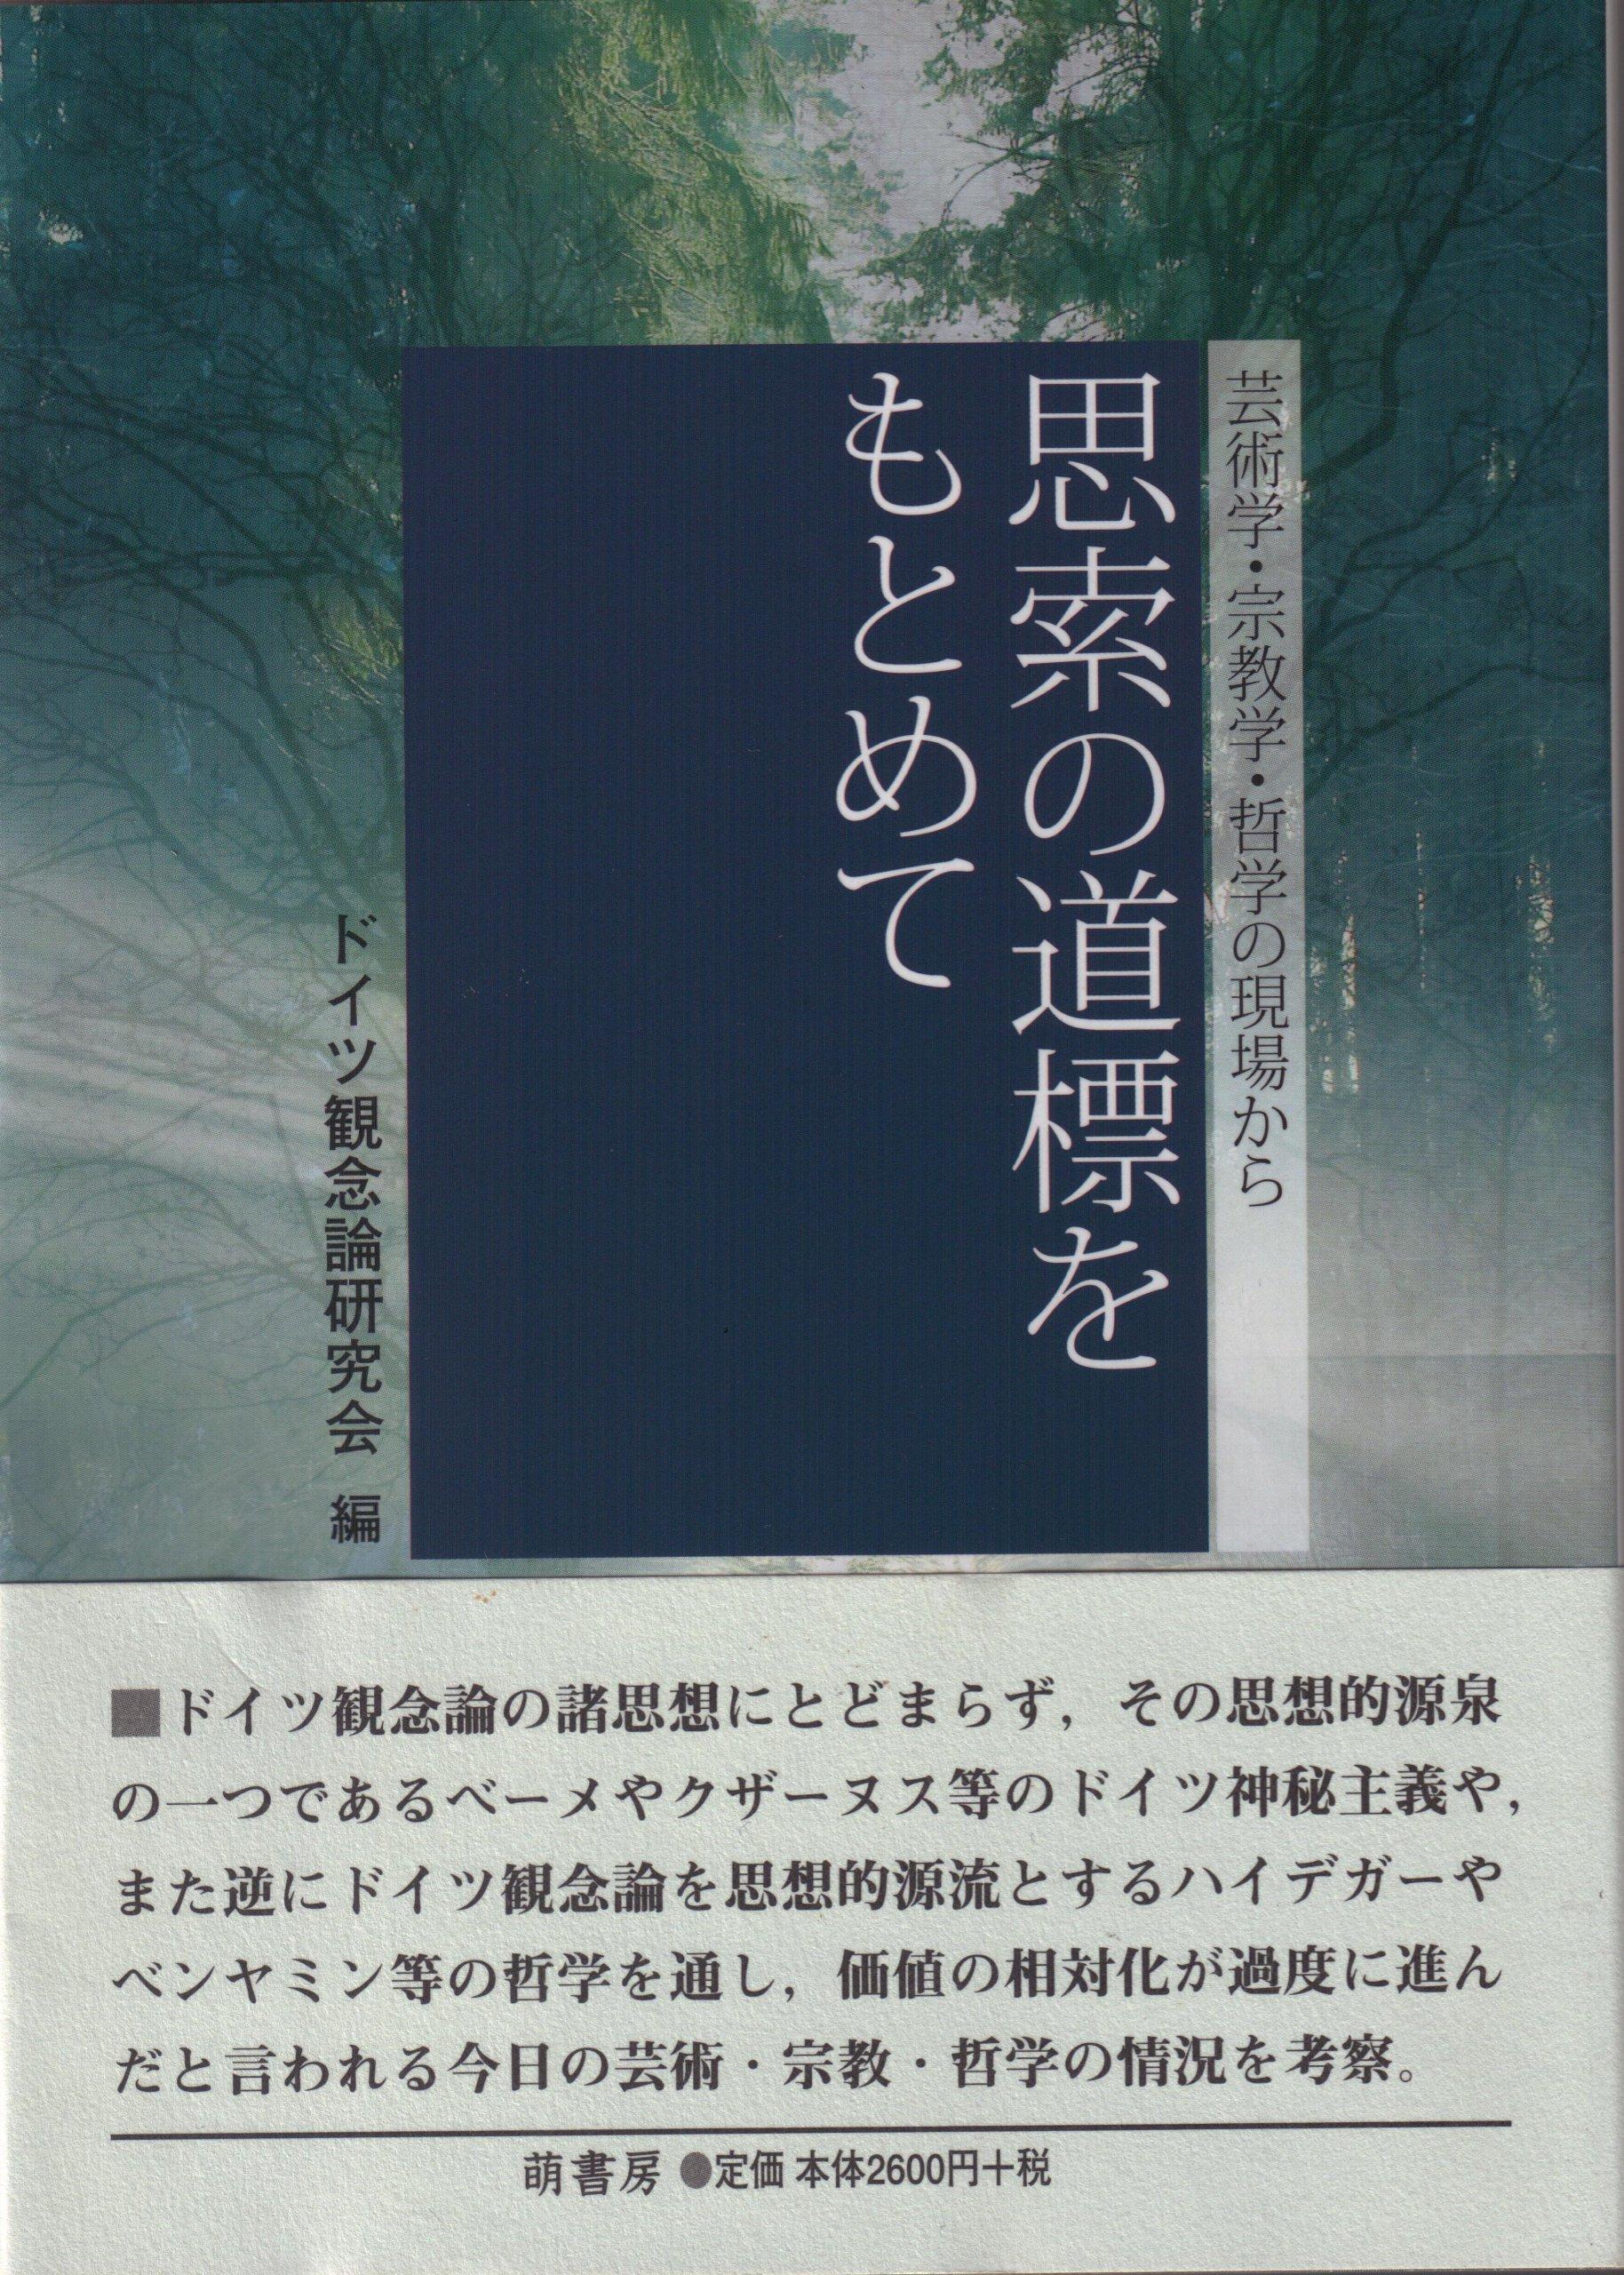 Shisaku no michishirube o motomete : Geijutsugaku shūkyōgaku tetsugaku no genba kara. pdf epub